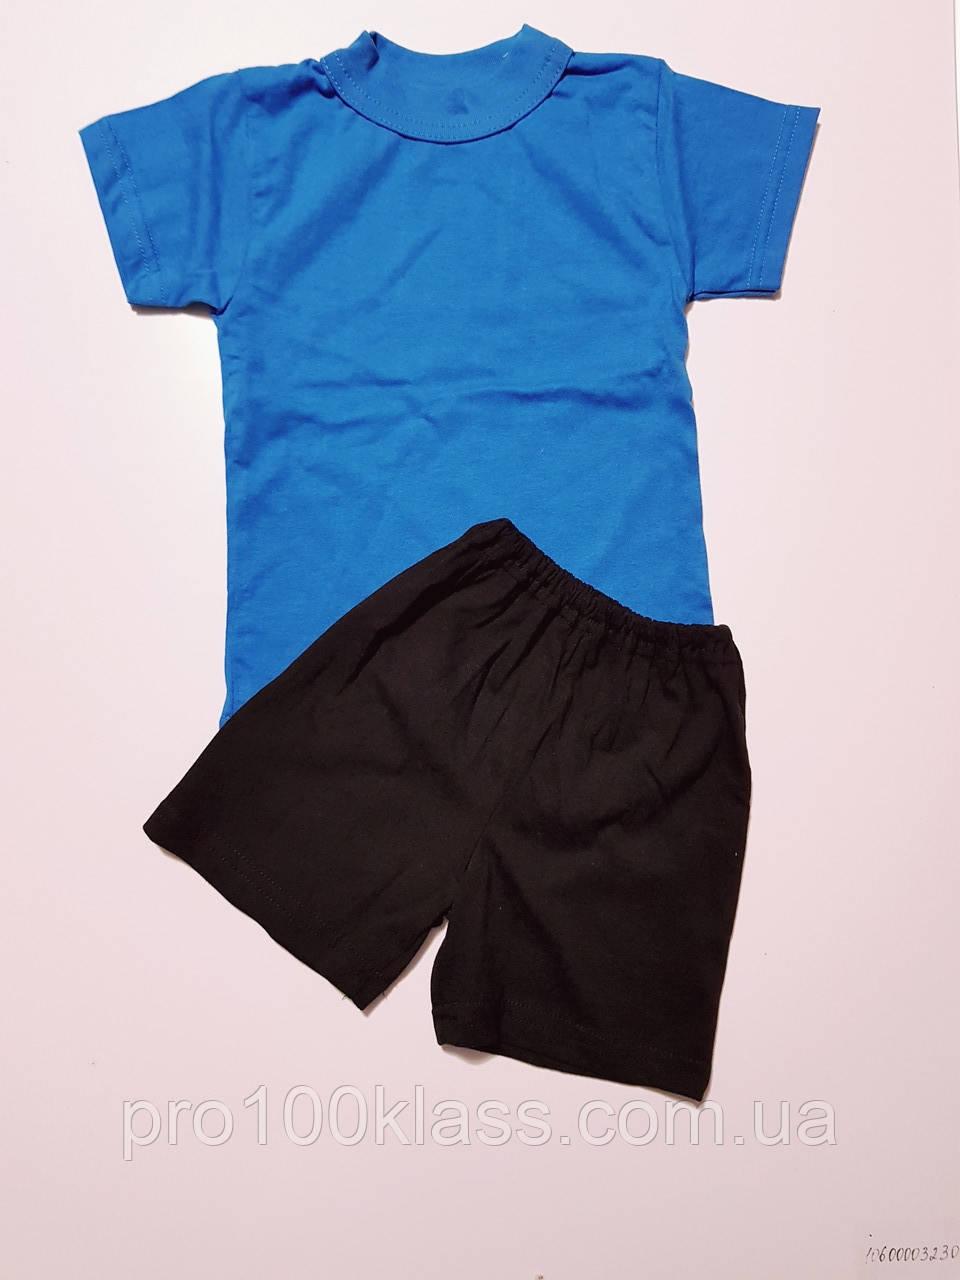 Комплект спортивный футболка+ шорты